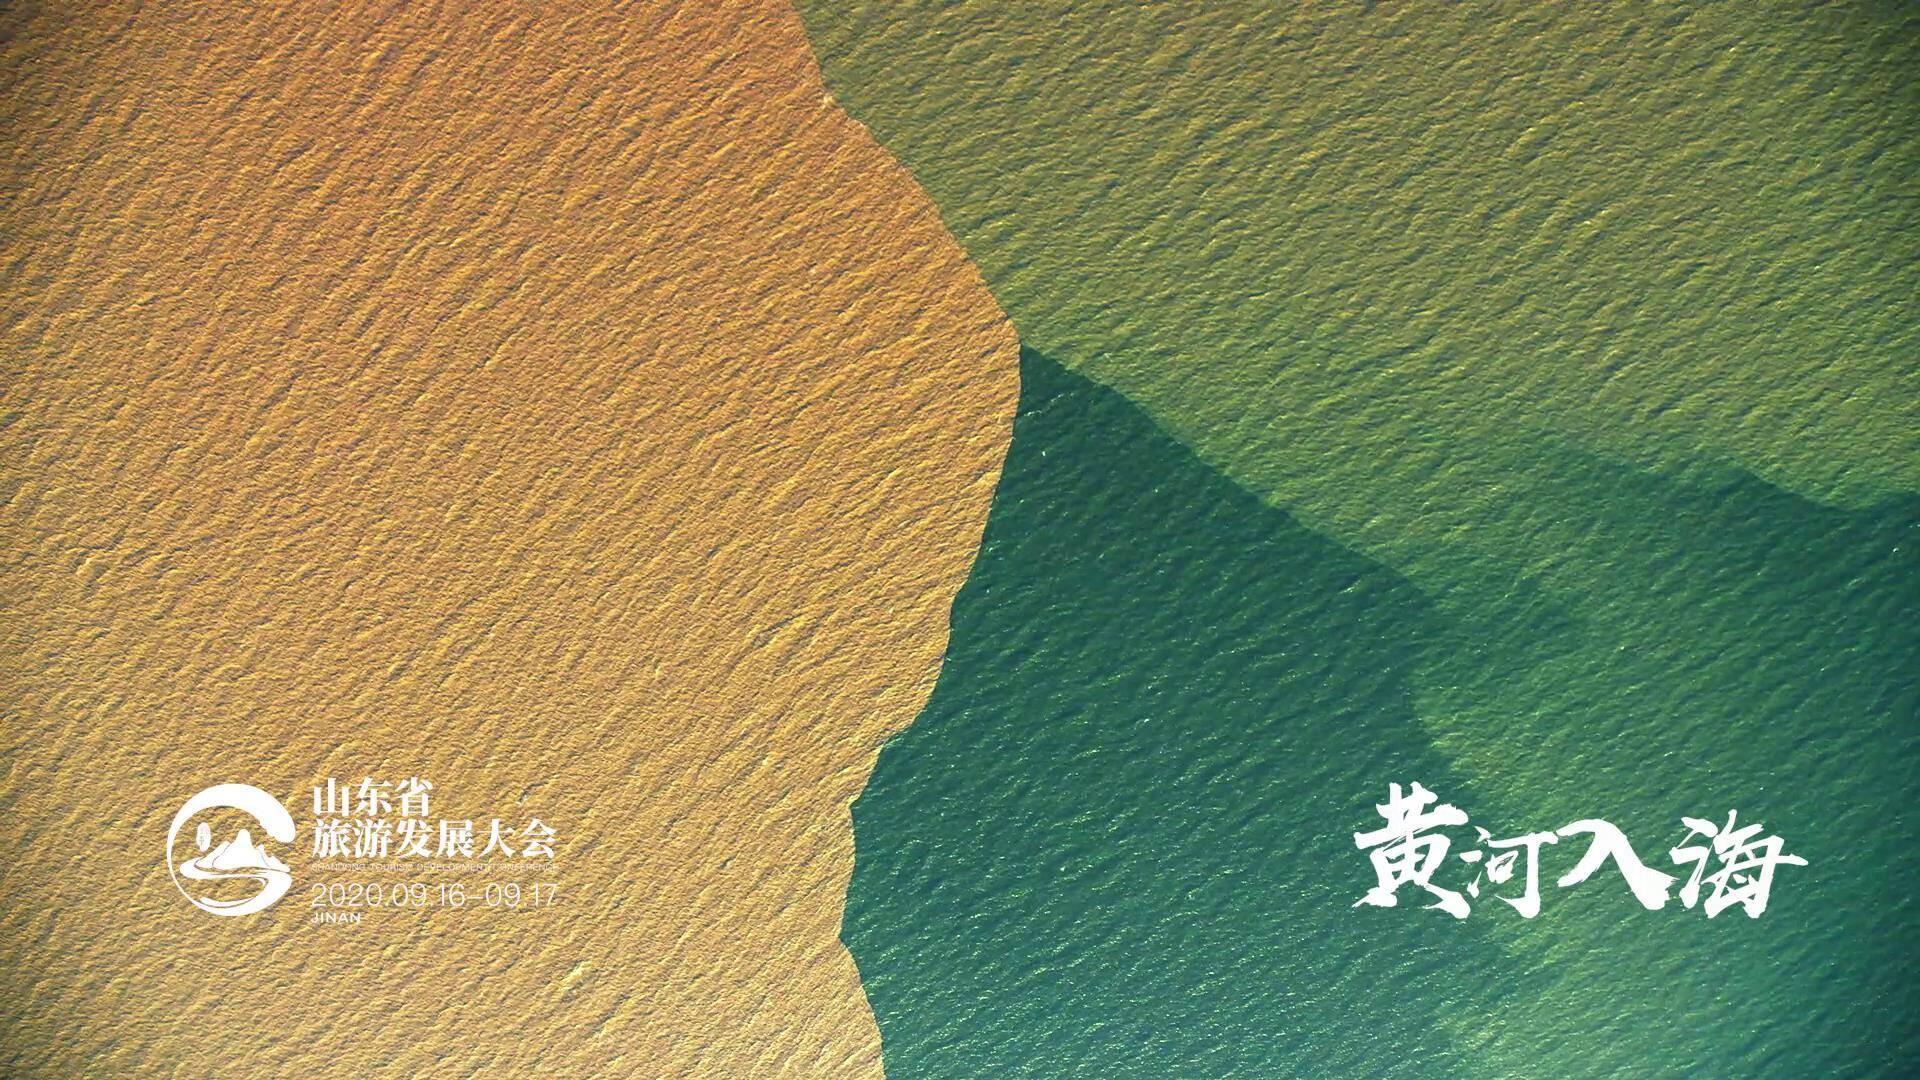 大美山东!2020山东省旅游发展大会9月16日启幕